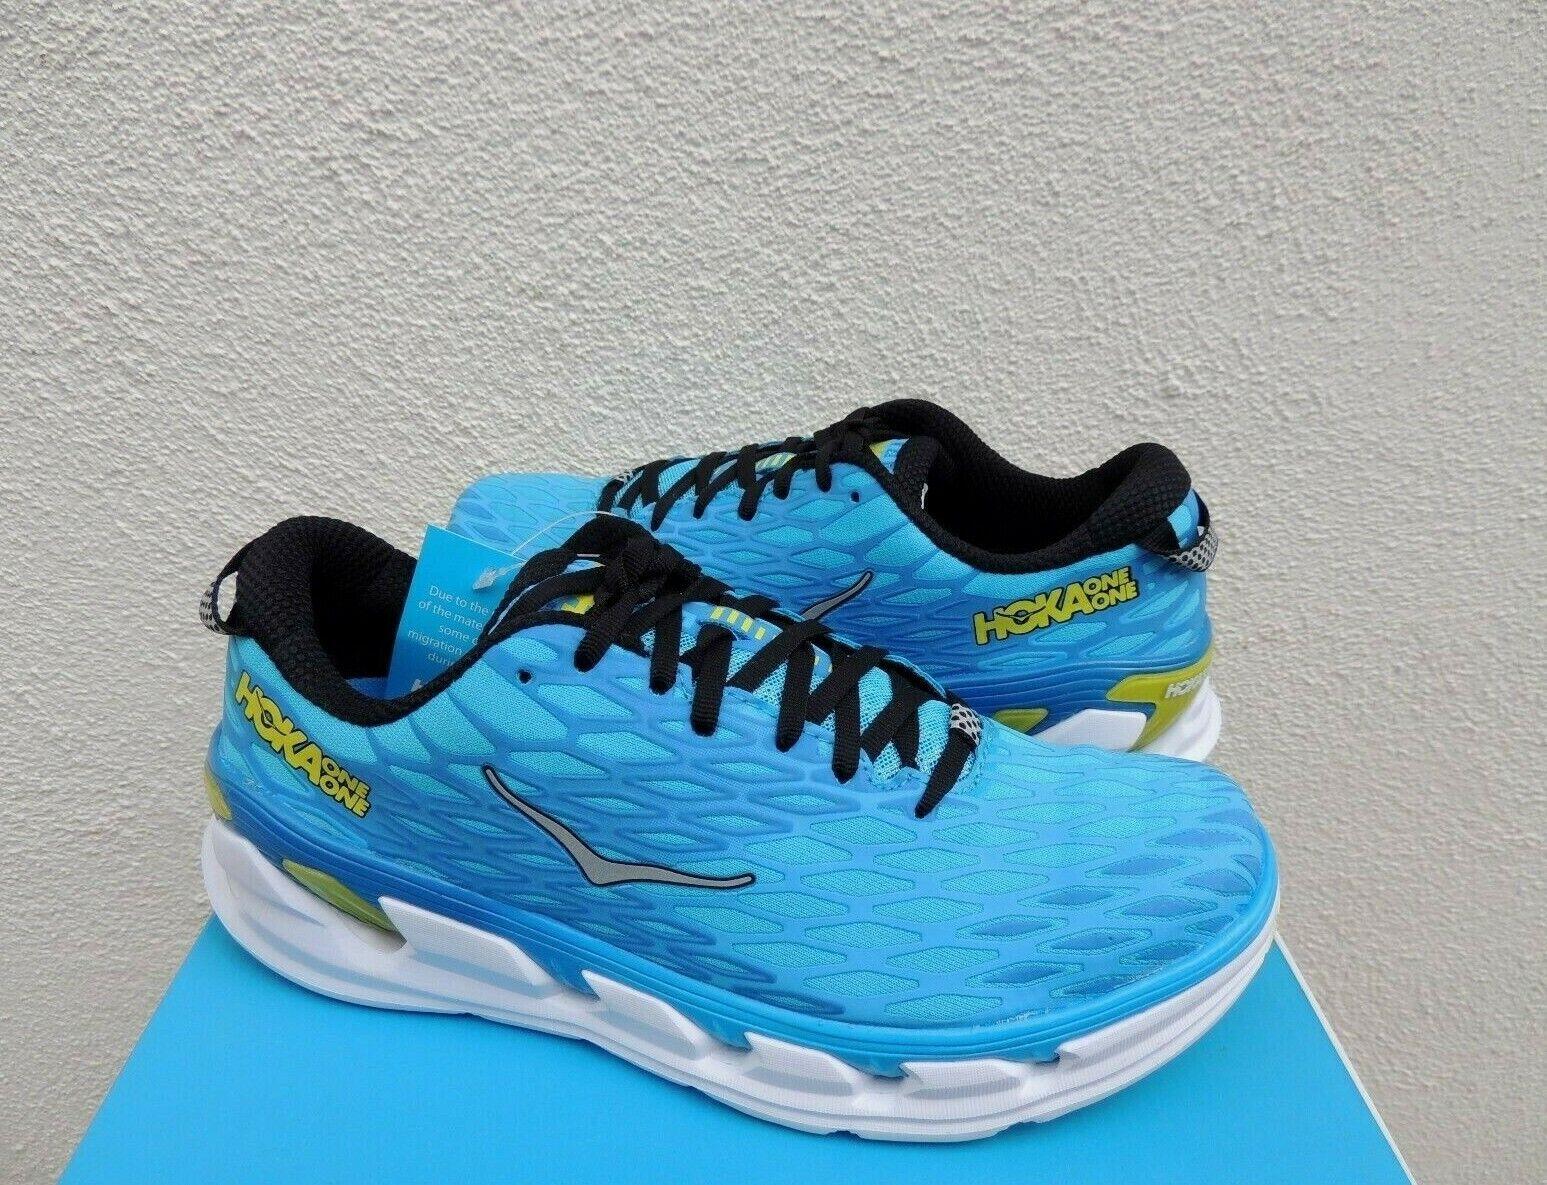 HOKA VANQUISH 2 Cian cítricos ONE ONE zapatos para correr, Hombres EE. UU. 8 41 1 3 euros  Nuevo En Caja